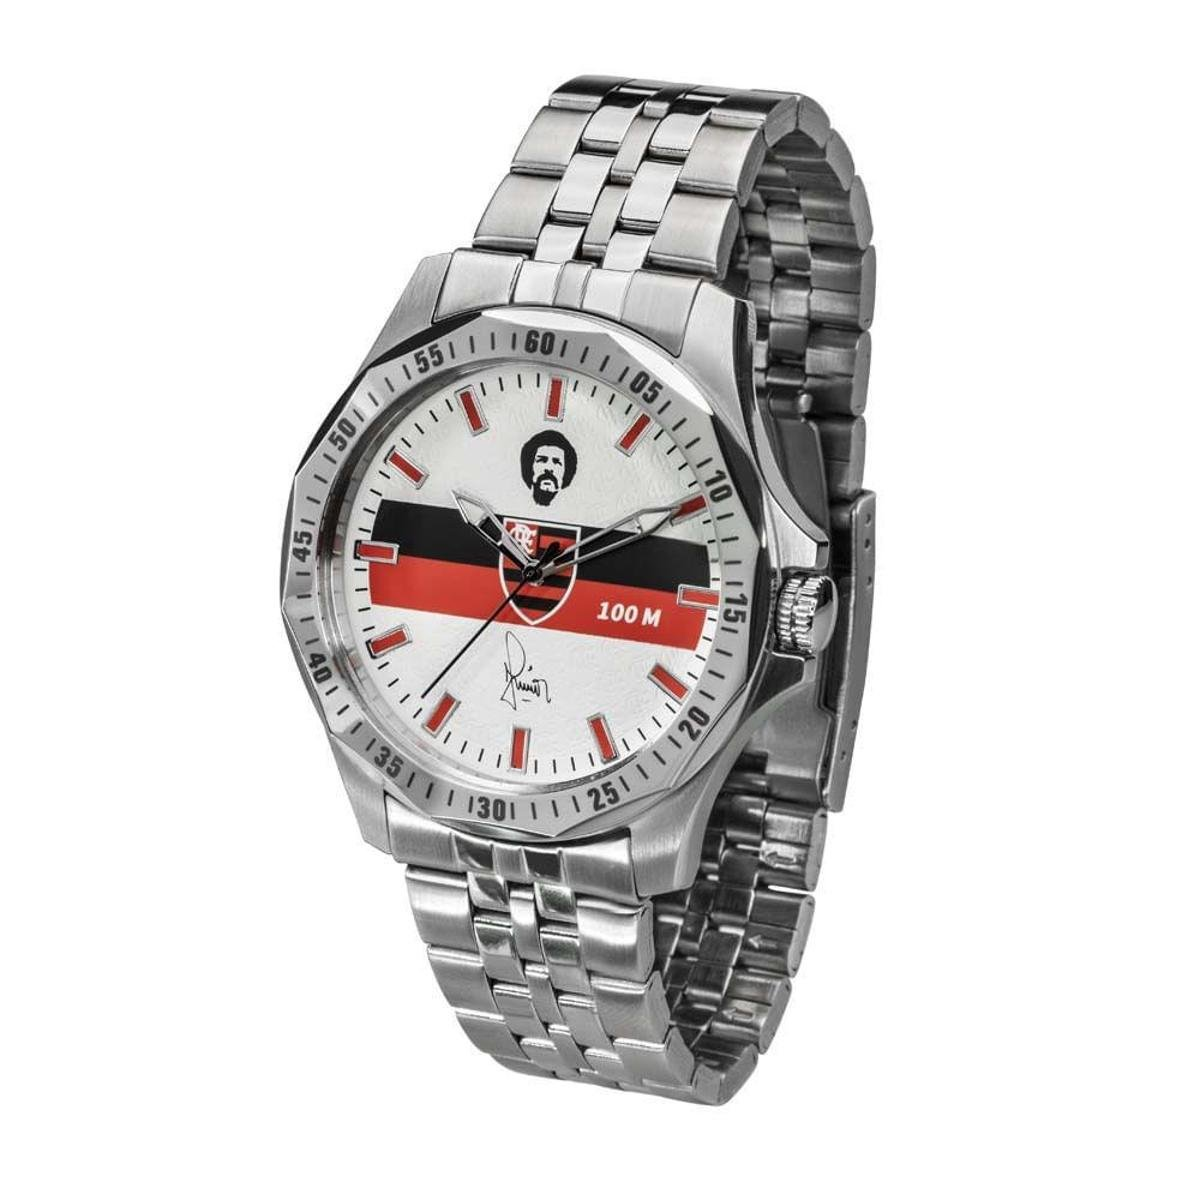 79121421427 Relógio Flamengo Maestro Júnior Masculino - Prata - Compre Agora ...